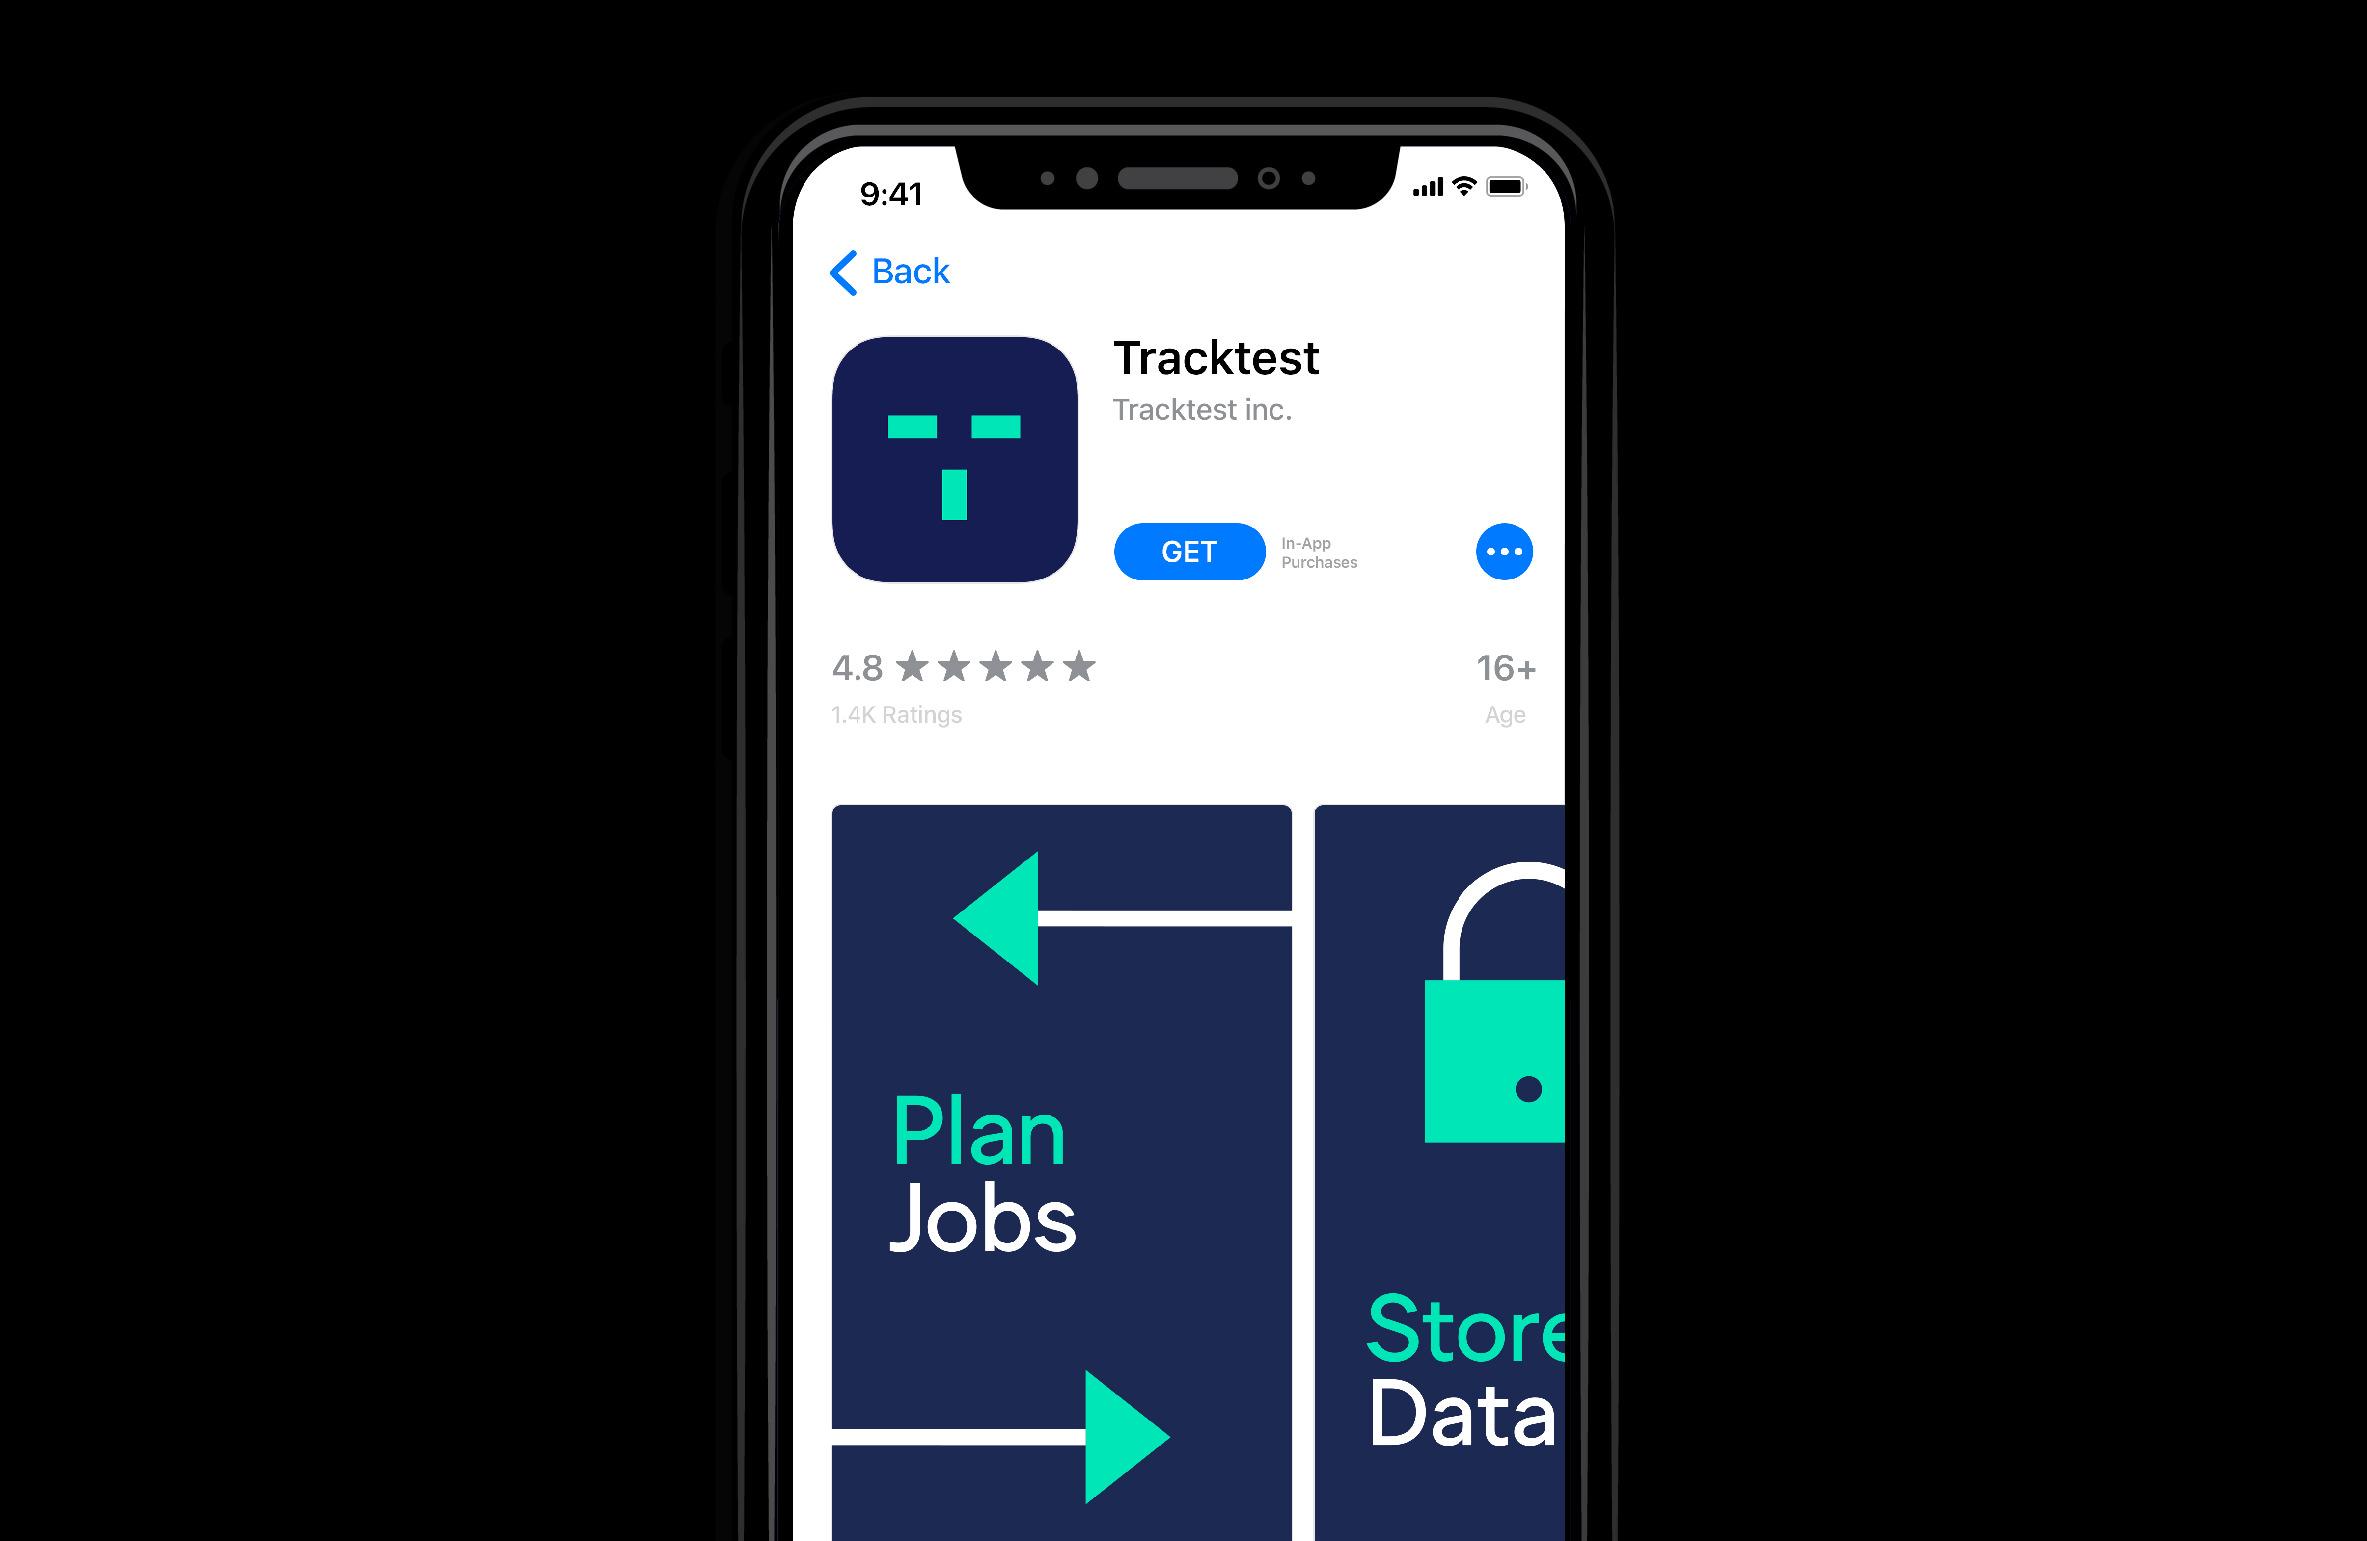 tracktest app design